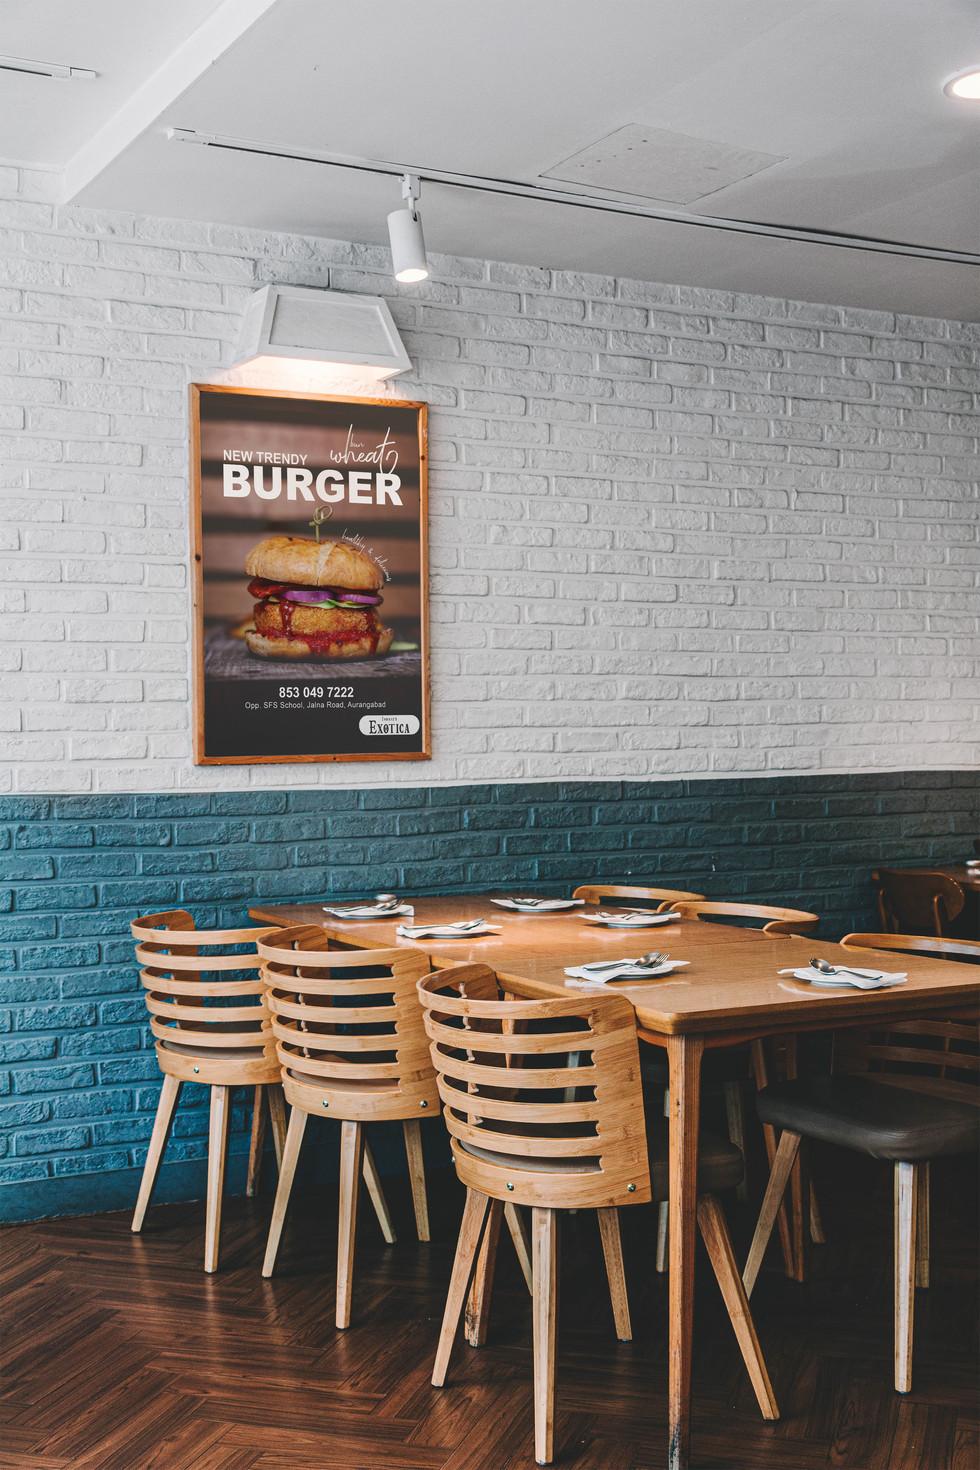 Poster in Restaurant Mockup copy.jpg